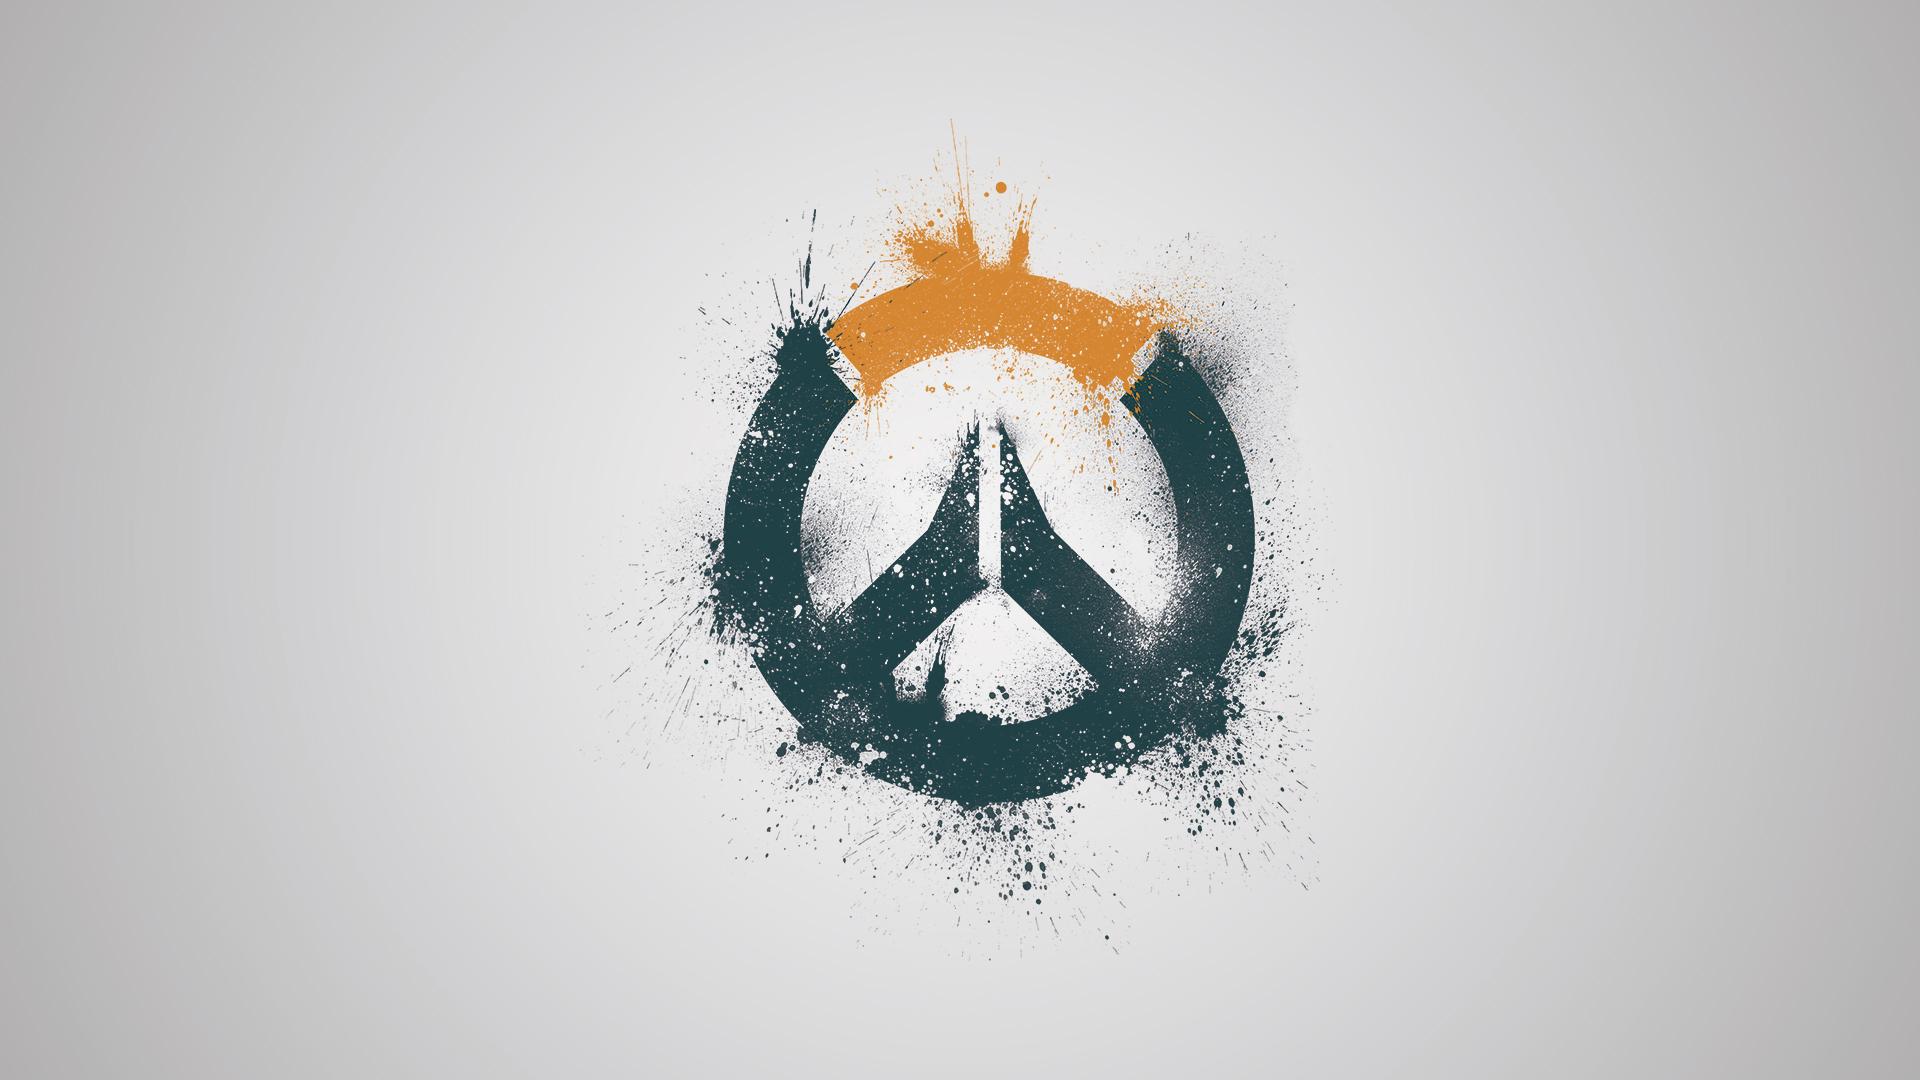 بروزرسانی جدید Overwatch در راه سرورهای Public Test | تغییراتی جدید در شخصیت Zayra و سایر شخصیتها